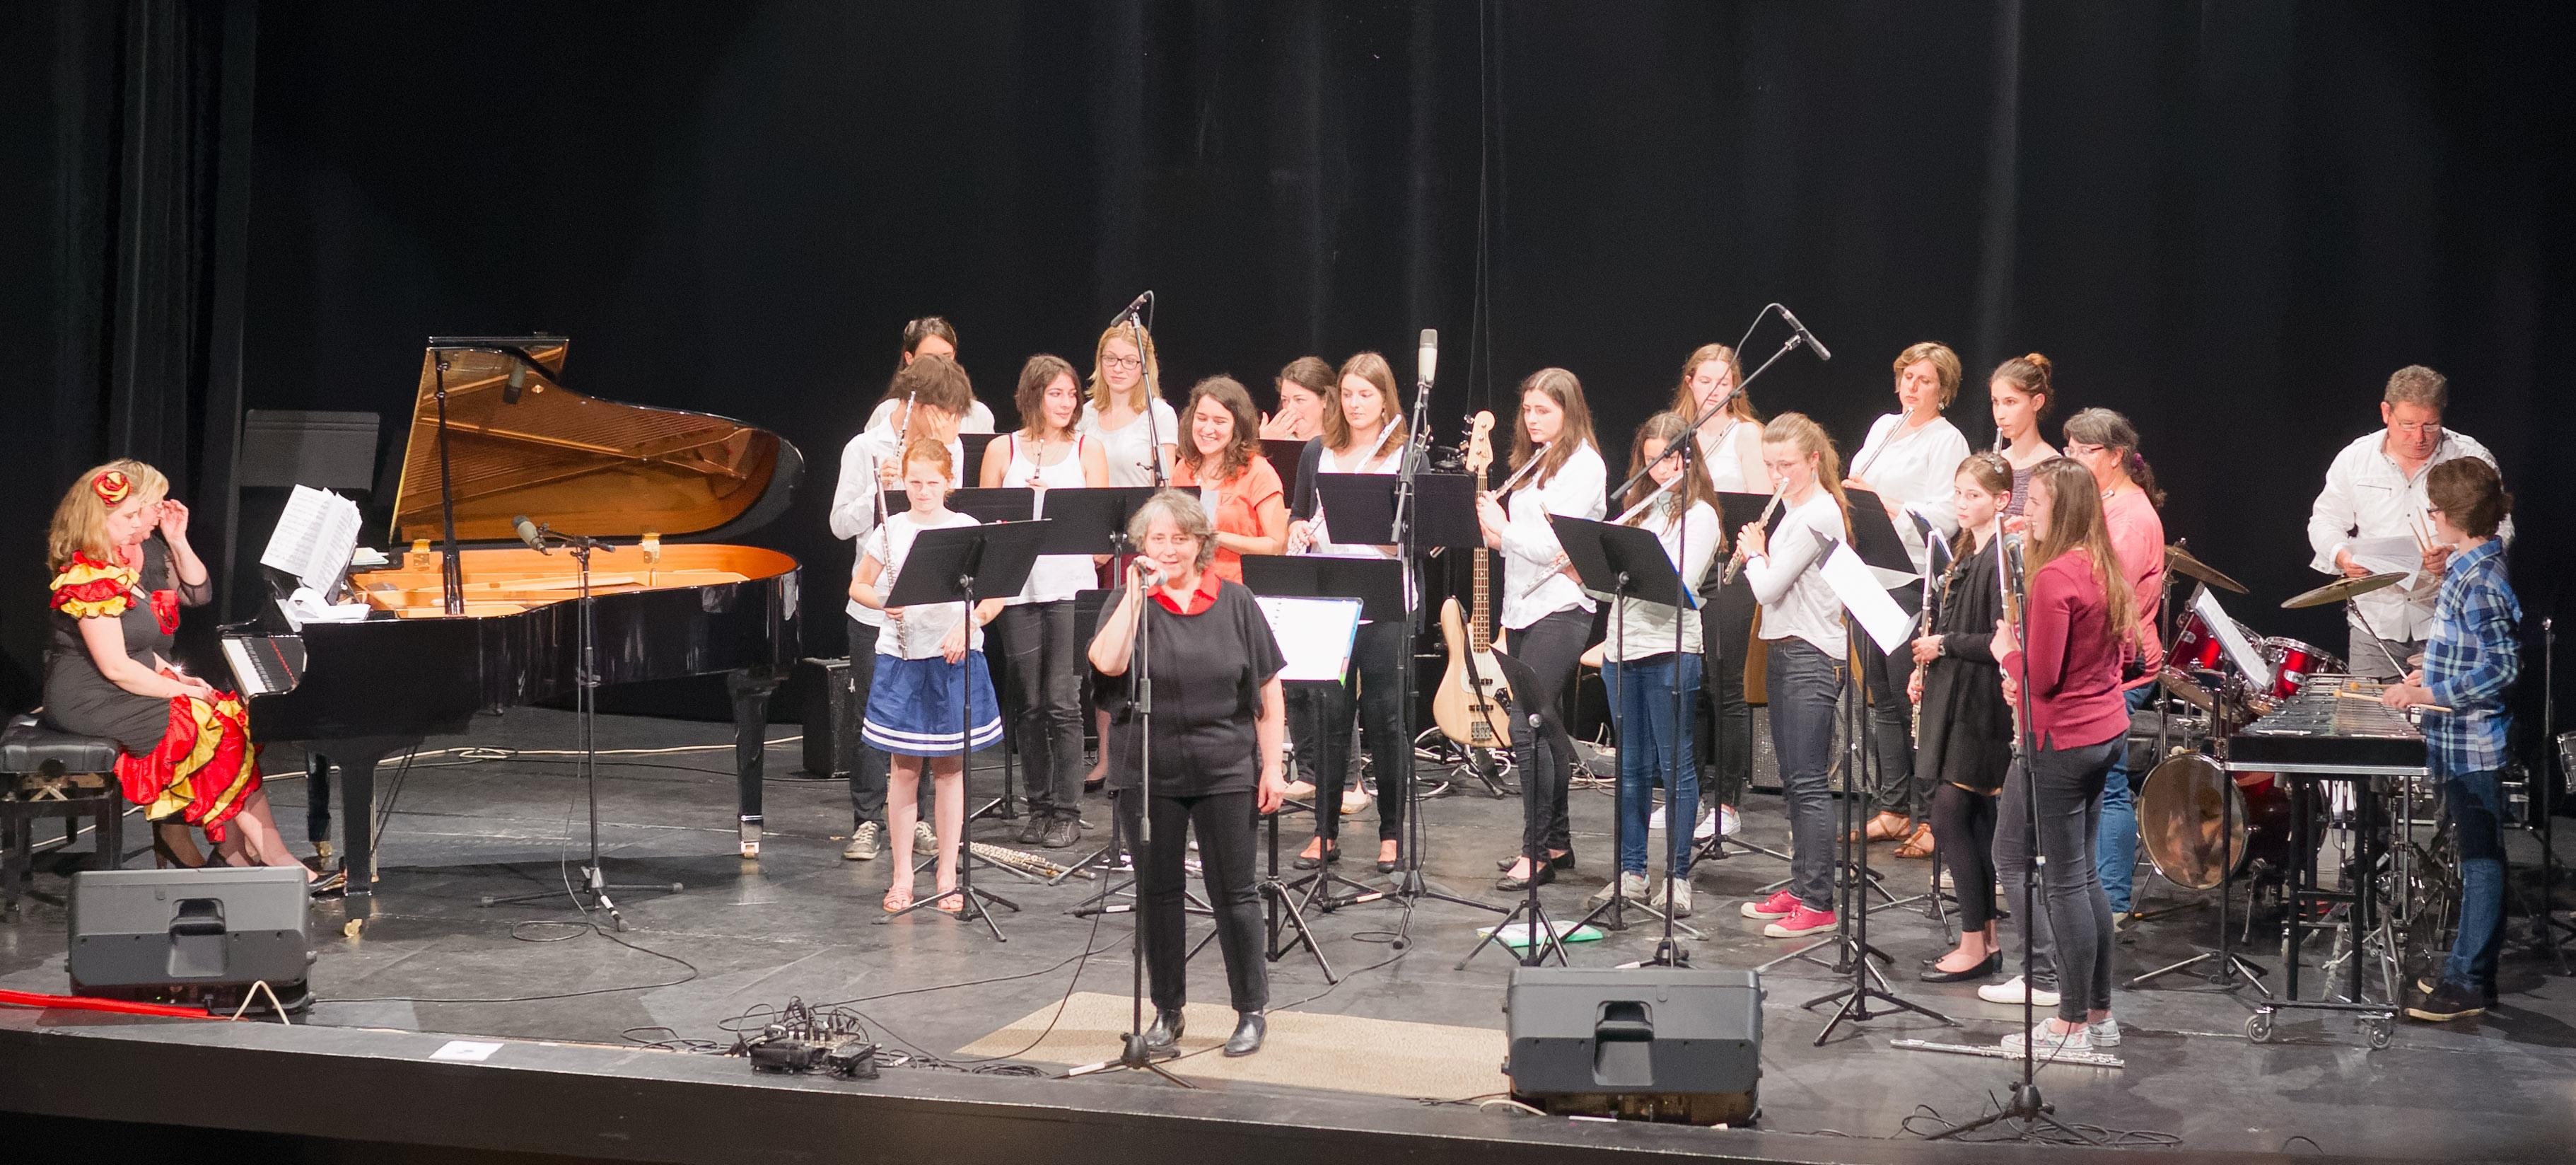 Audition fin d'année 2016 Ecole de Musique de Coutras